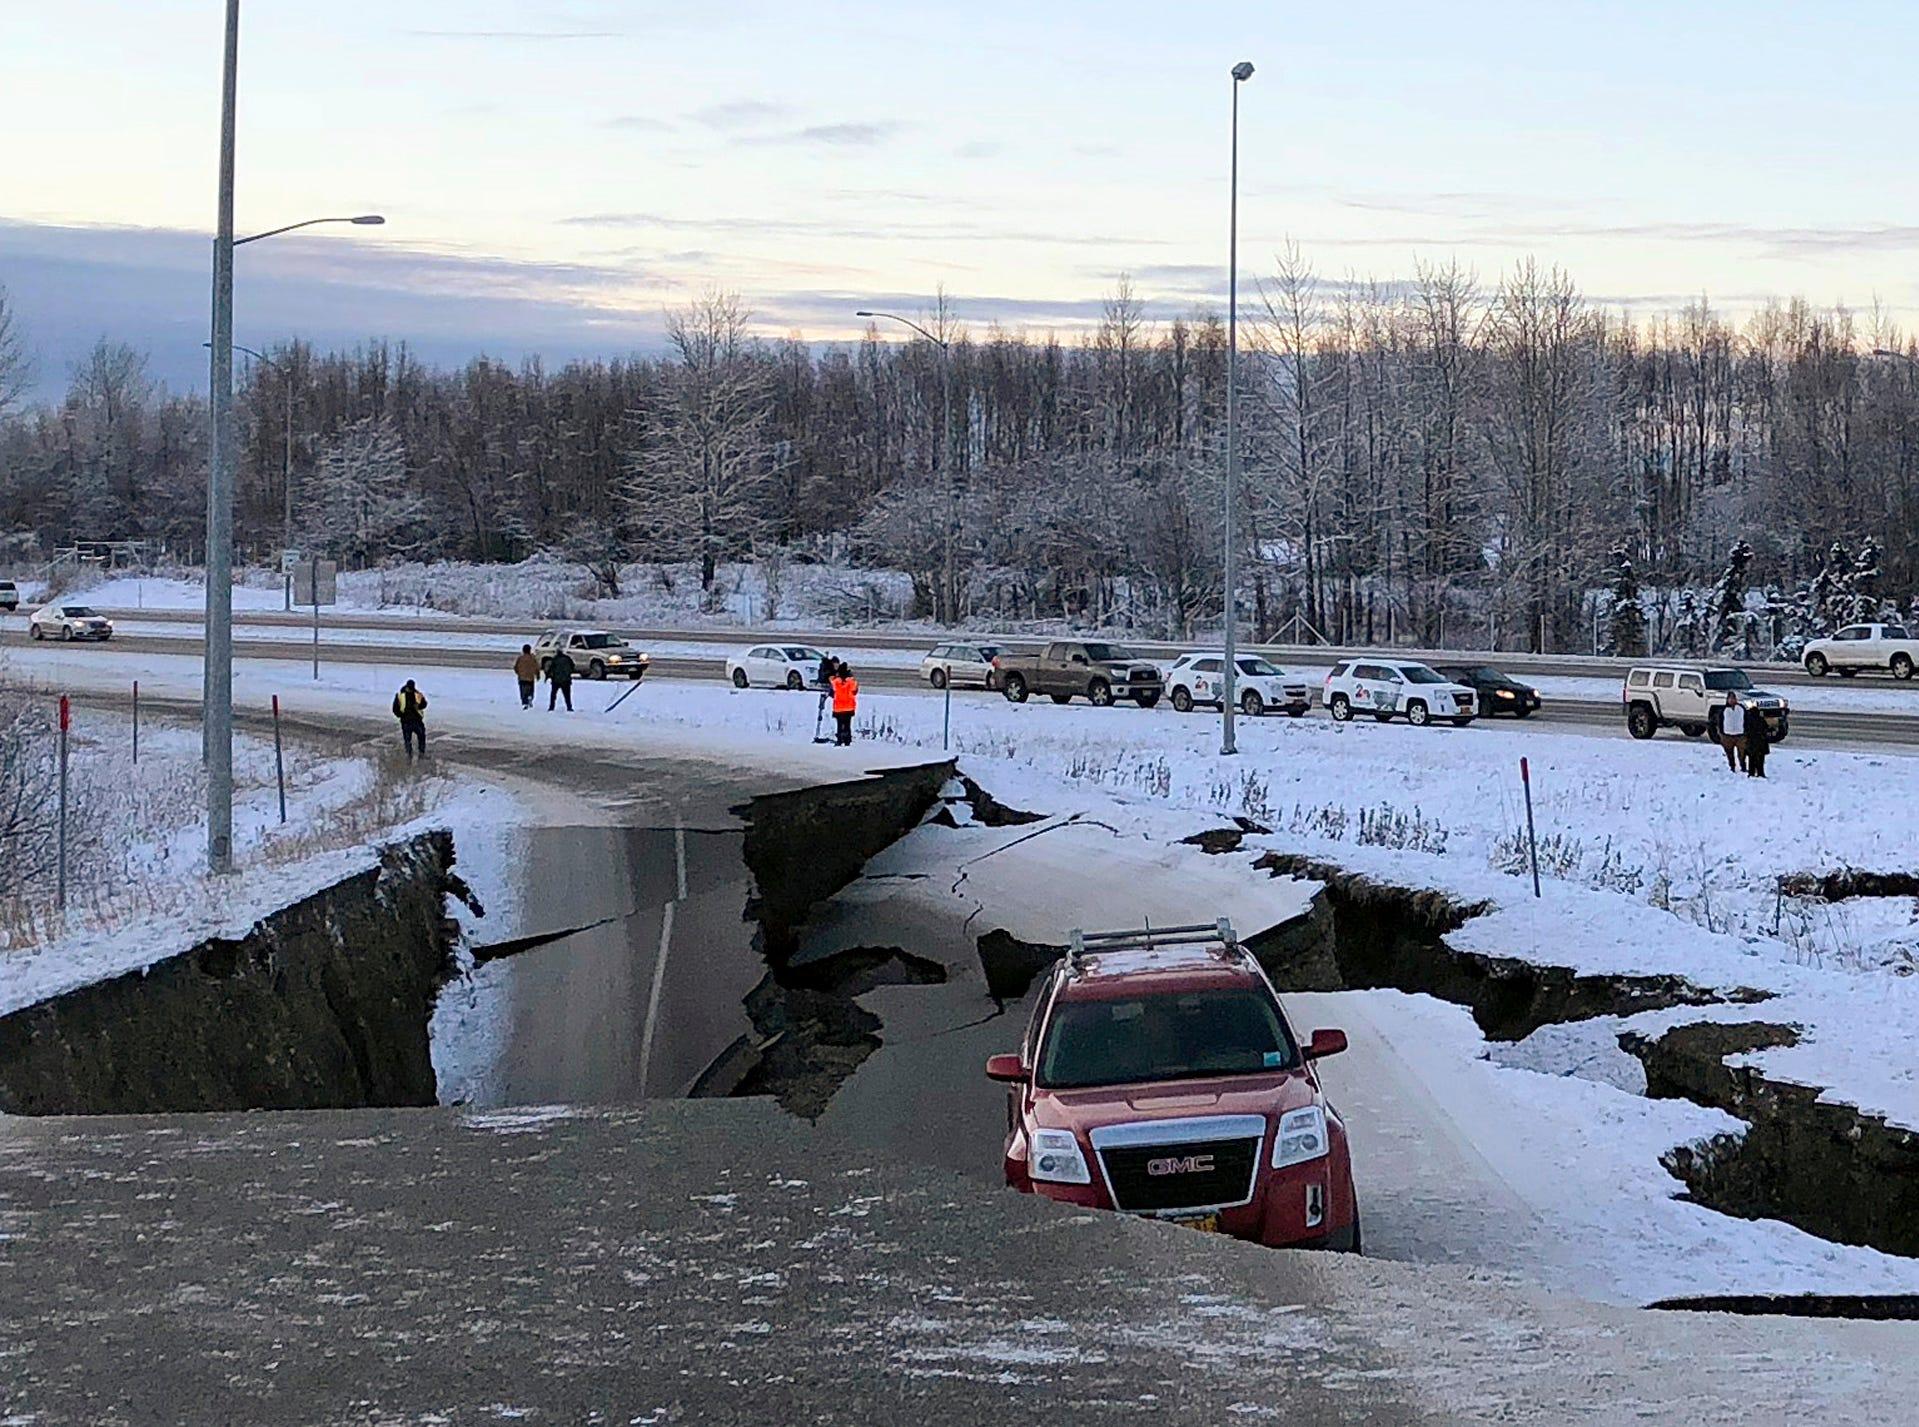 Un automóvil está atrapado en una sección colapsada de la rampa de salida de Minnesota Drive en Anchorage, el viernes 30 de noviembre de 2018. Los edificios y carreteras colapsadas el viernes por la mañana en Anchorage, por los terremotos consecutivos de 7.0 y 5.8, incitan a la gente a huir o buscar refugio debajo de los escritorios de sus oficinas , mientras que una alerta de tsunami hizo que algunos buscarán un lugar más alto.  Dan Joling, AP